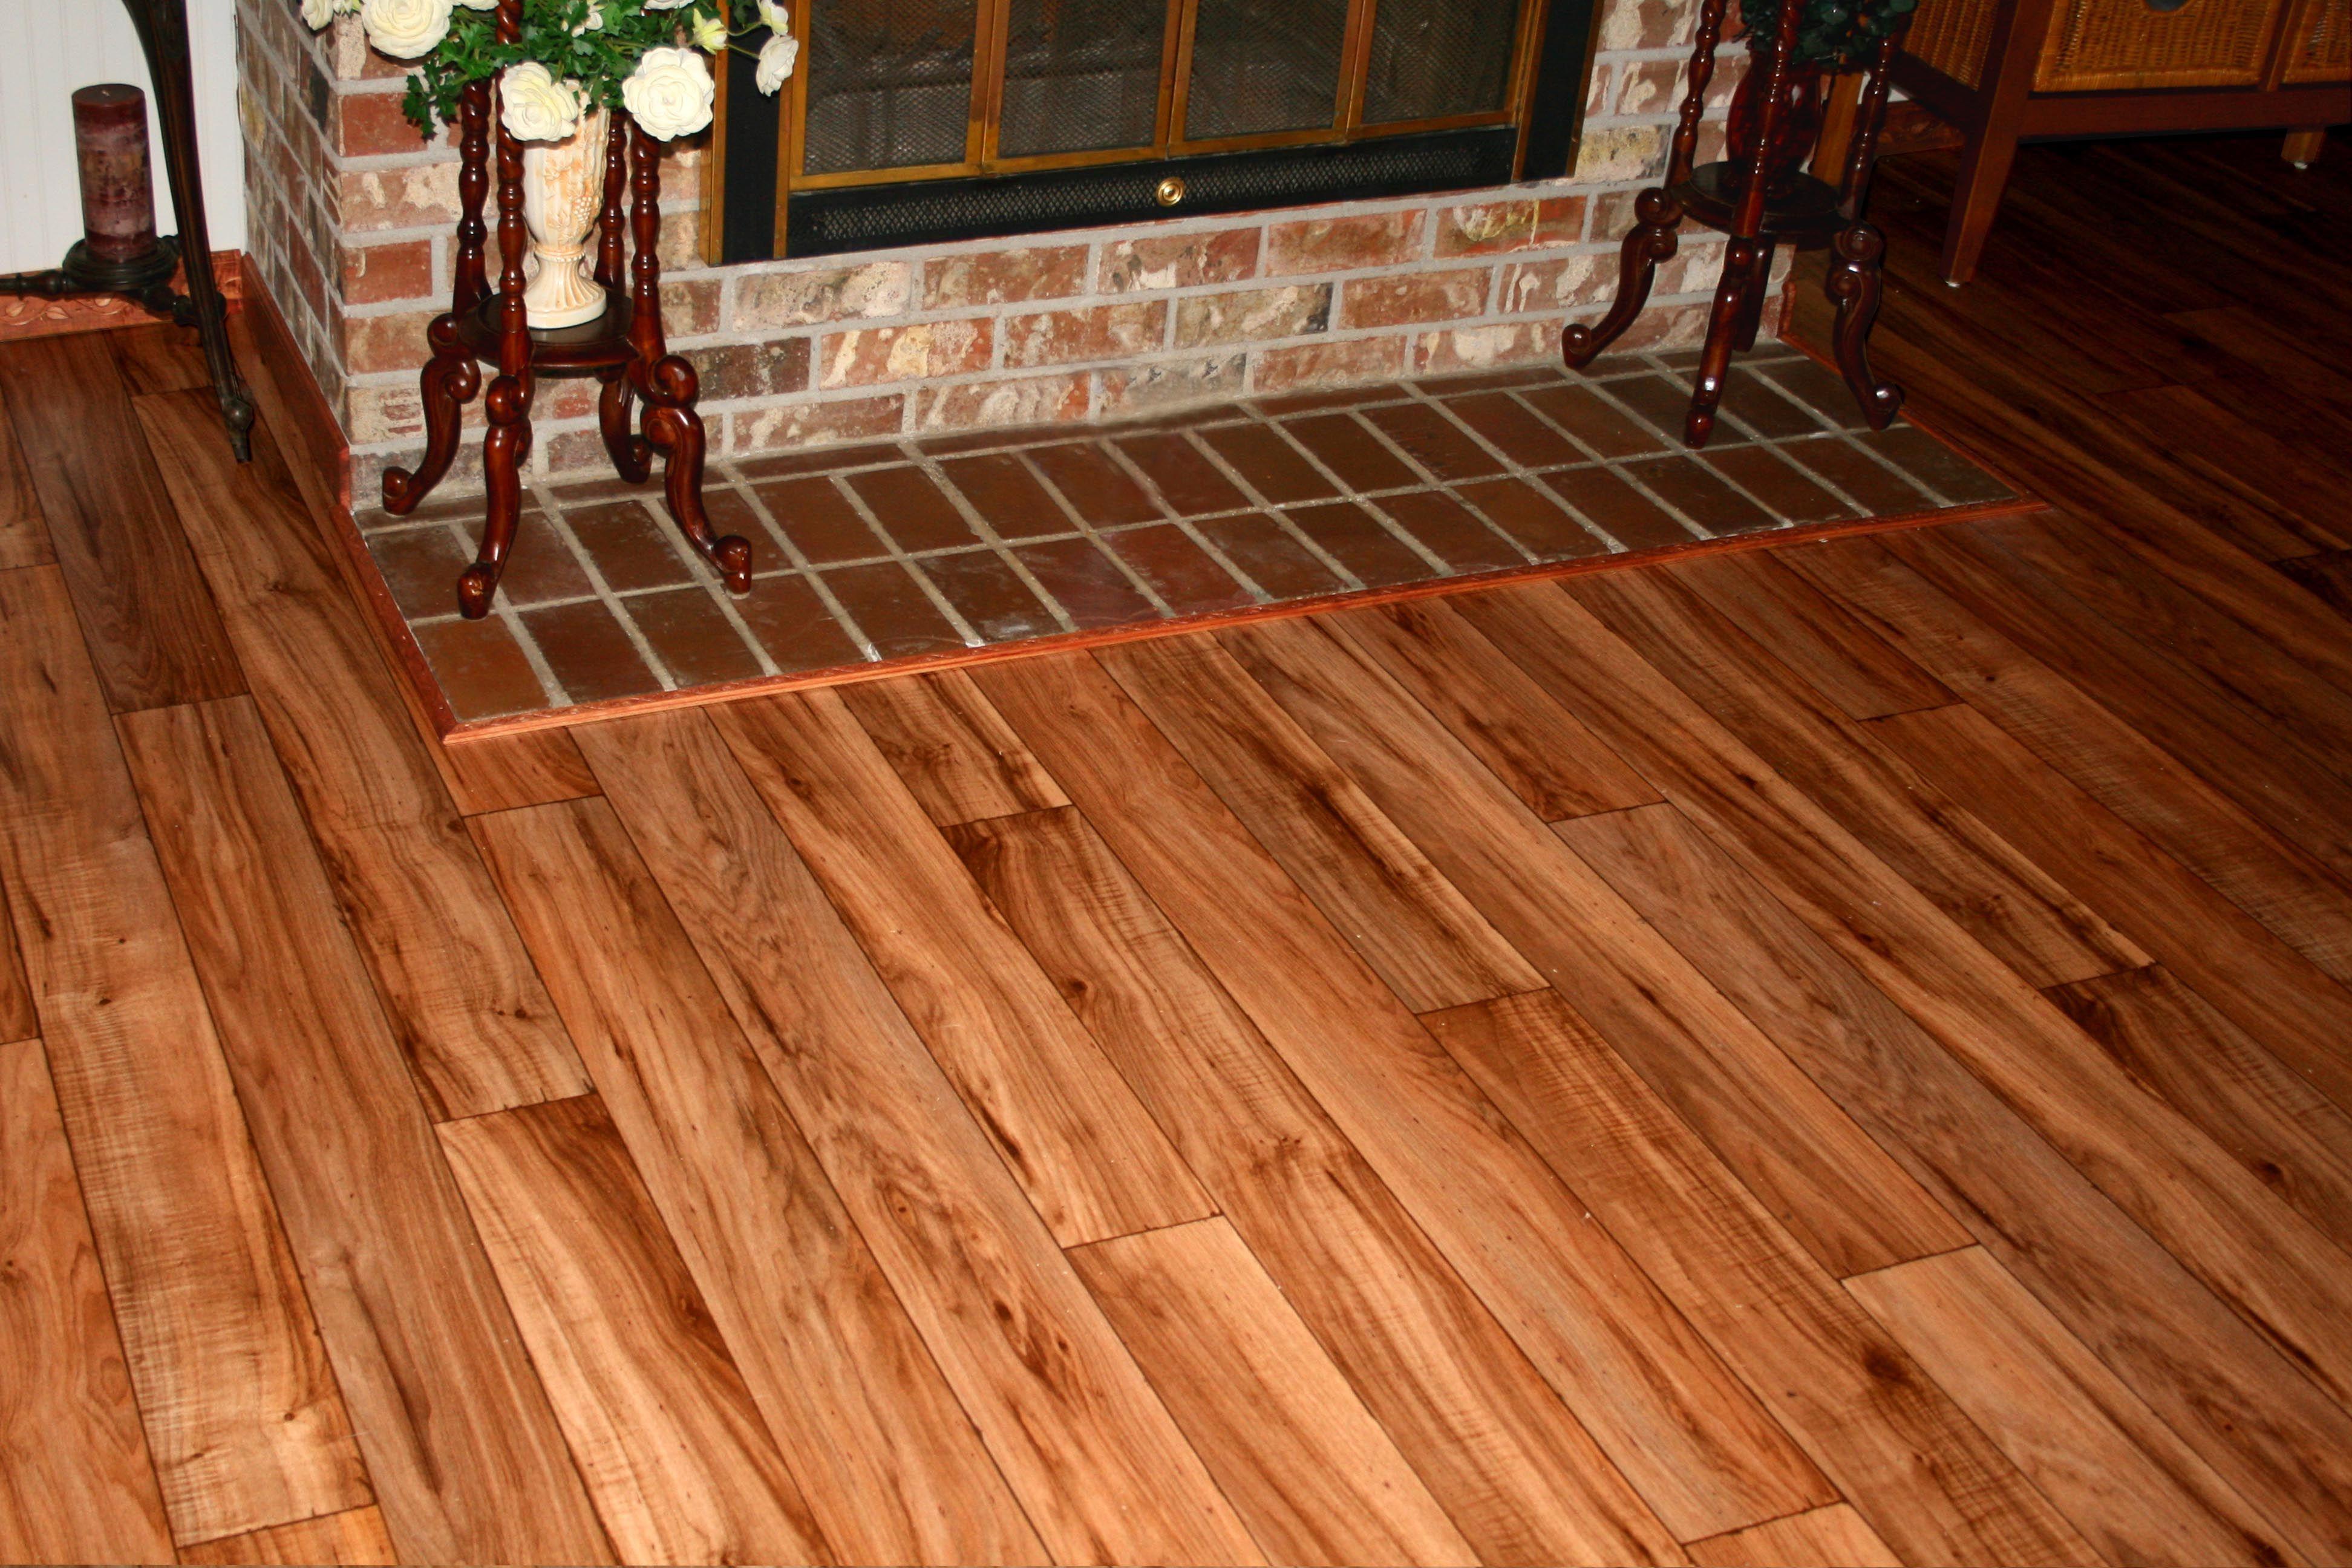 Pictures Of Linoleum That Looks Like Hardwood Vinyl Installation Wood Floor Step On It Flooring